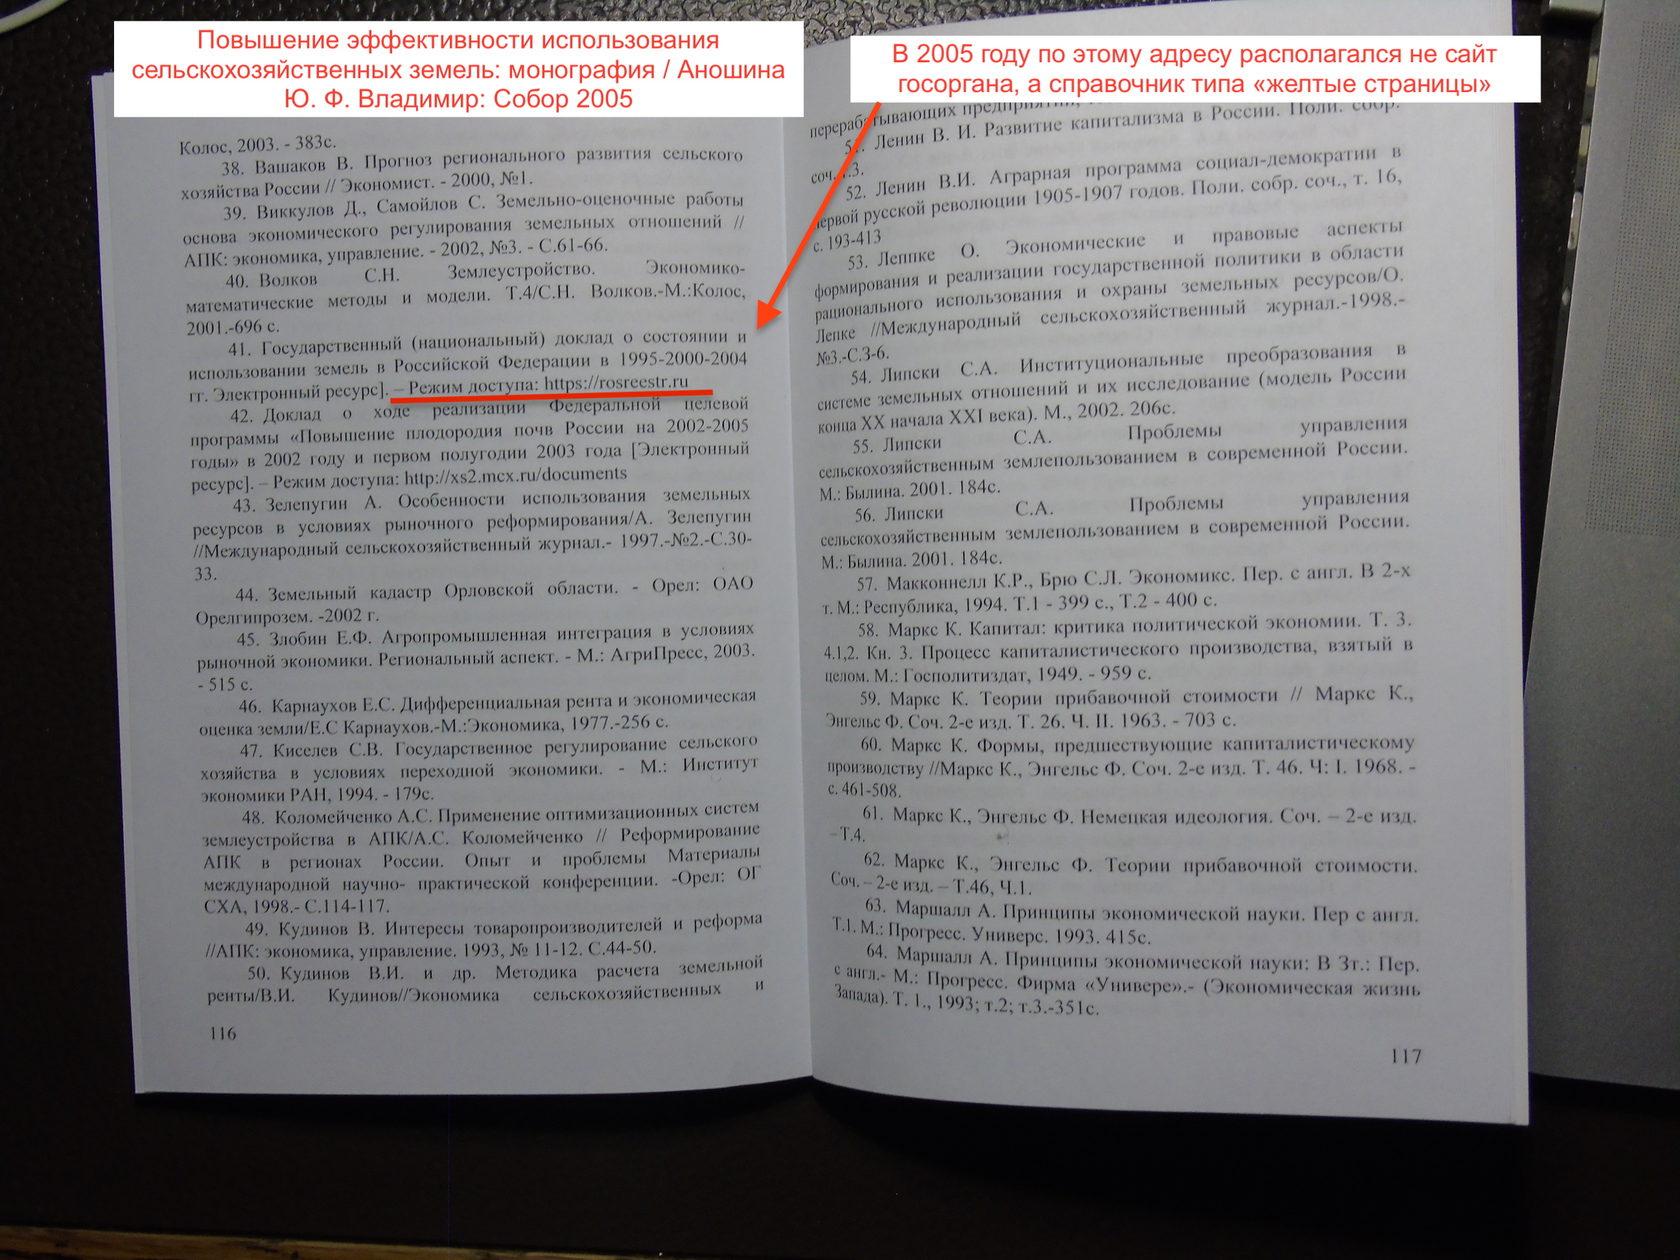 Ссылка на еще не существующий сайт Росреестра в другой монографии Юлии Аношиной